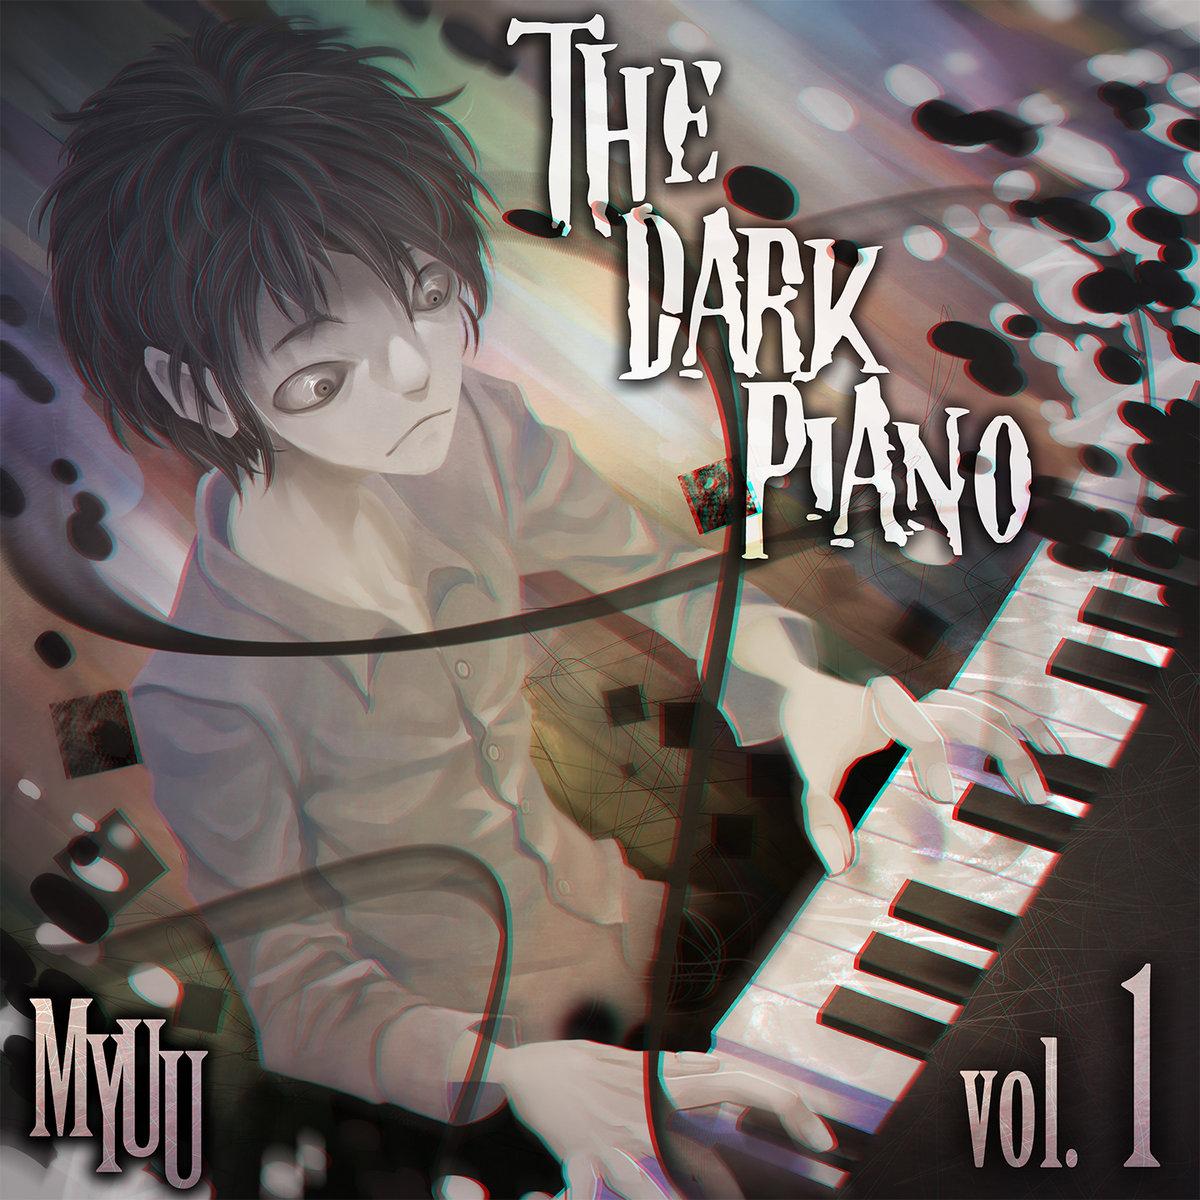 The Dark Piano Vol 1 Creepypasta Music Myuu